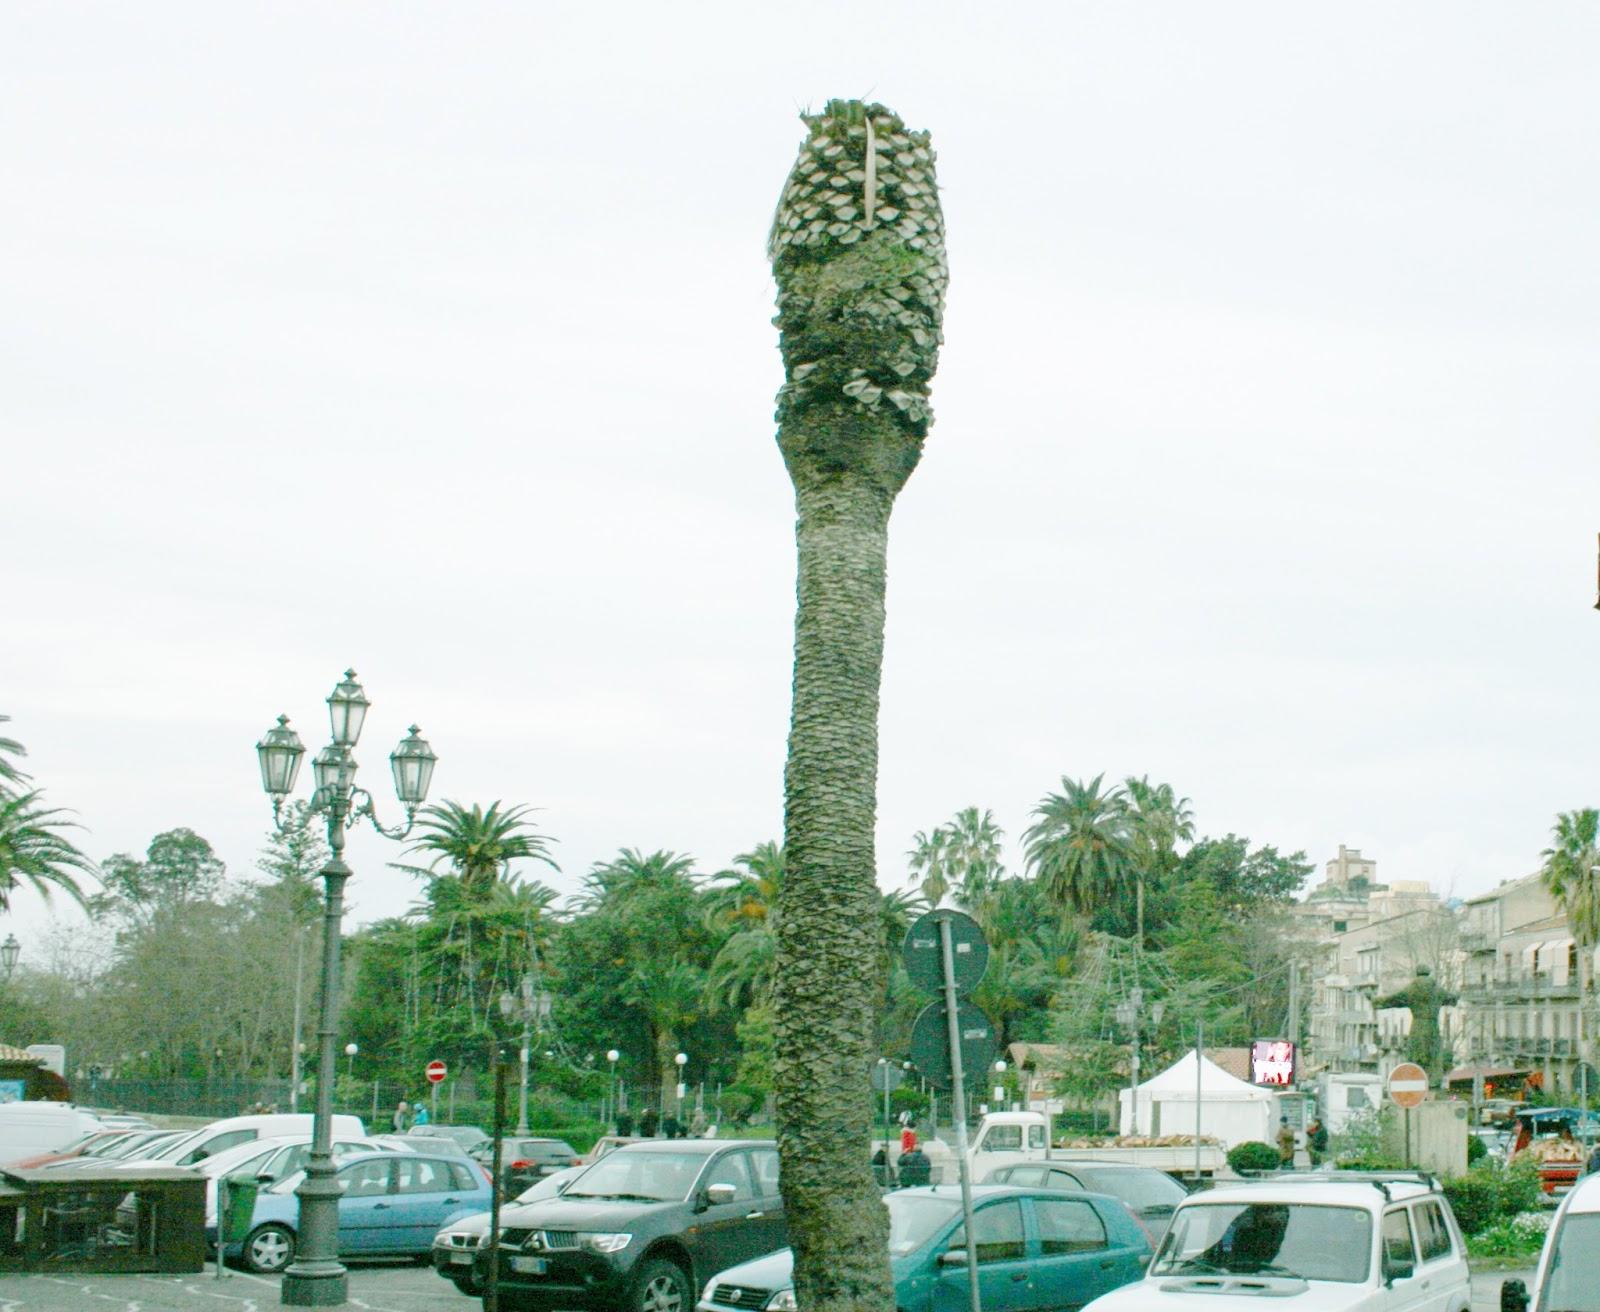 Citt nuove corleone corleone il punteruolo rosso attacca le palme di piazza falcone e borsellino - Il giardino di piazza falcone ...